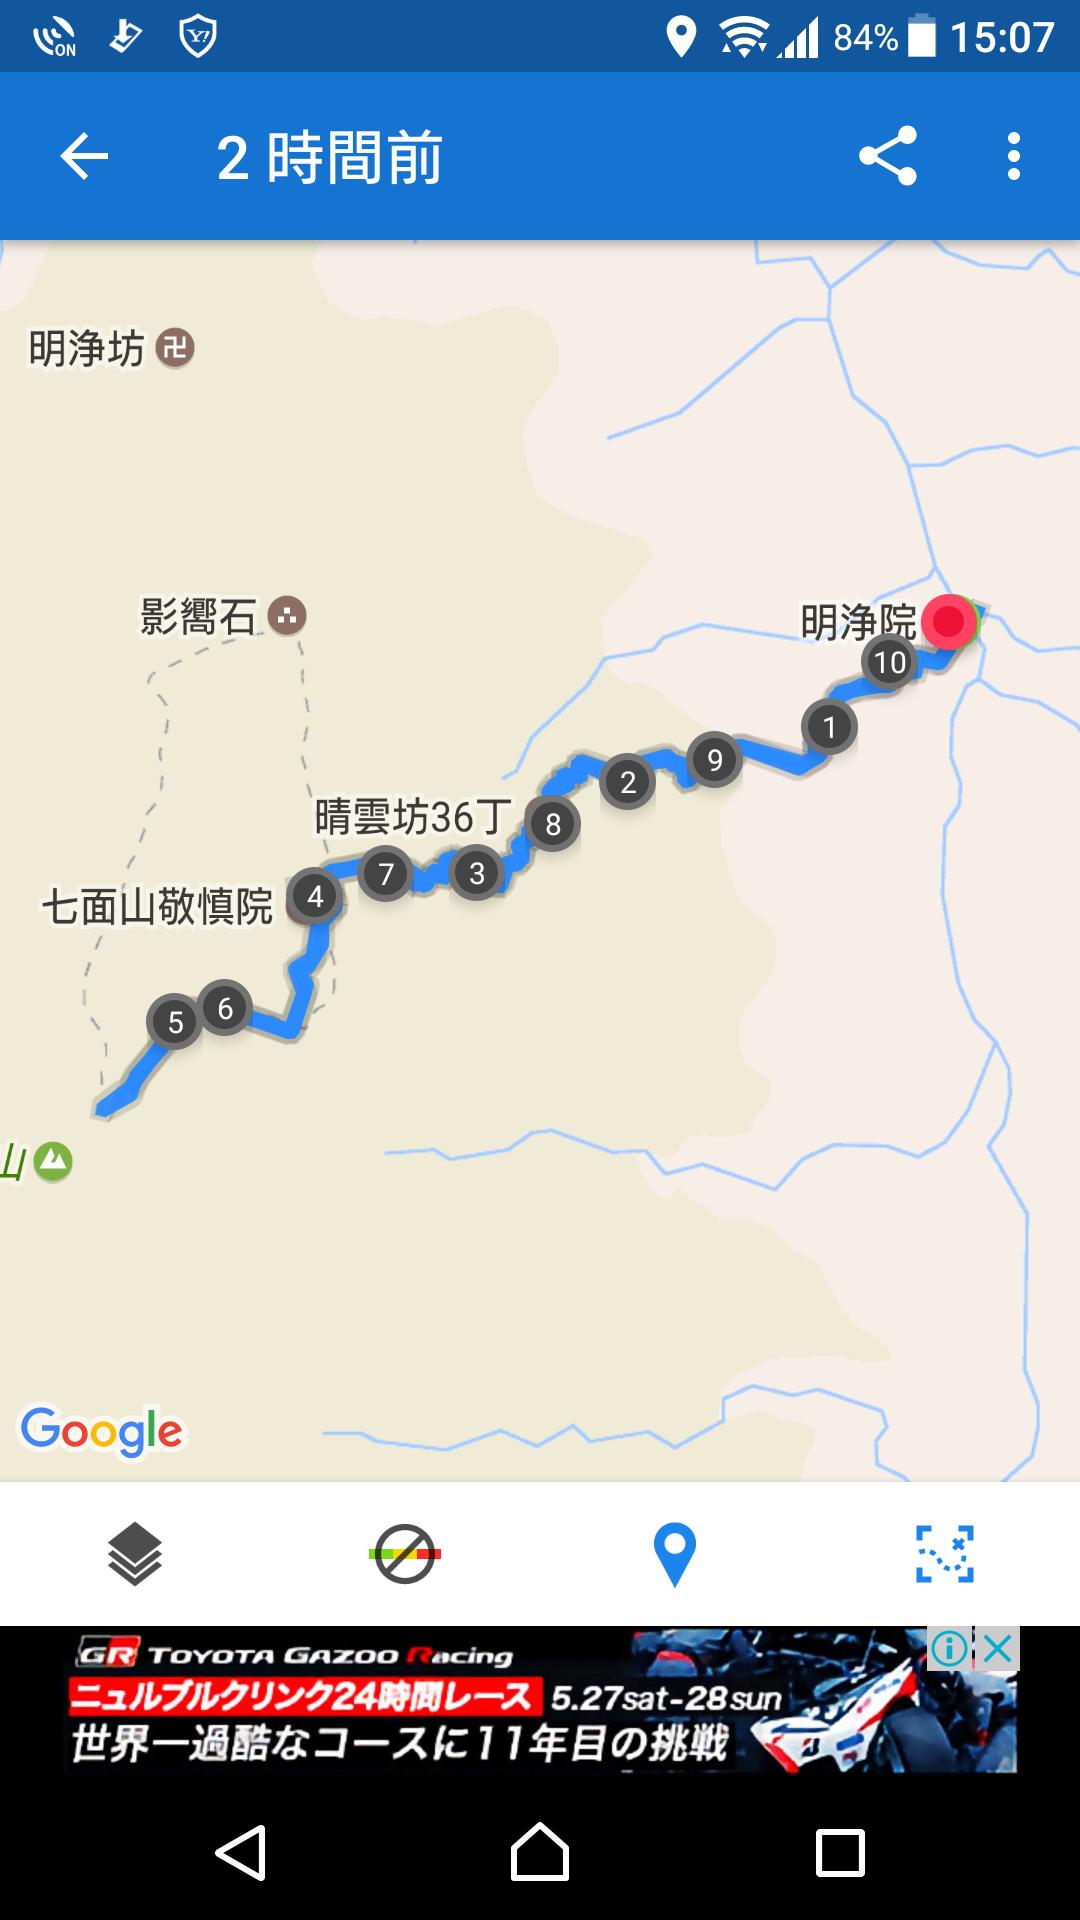 f:id:ynakayama27:20170522163251p:plain